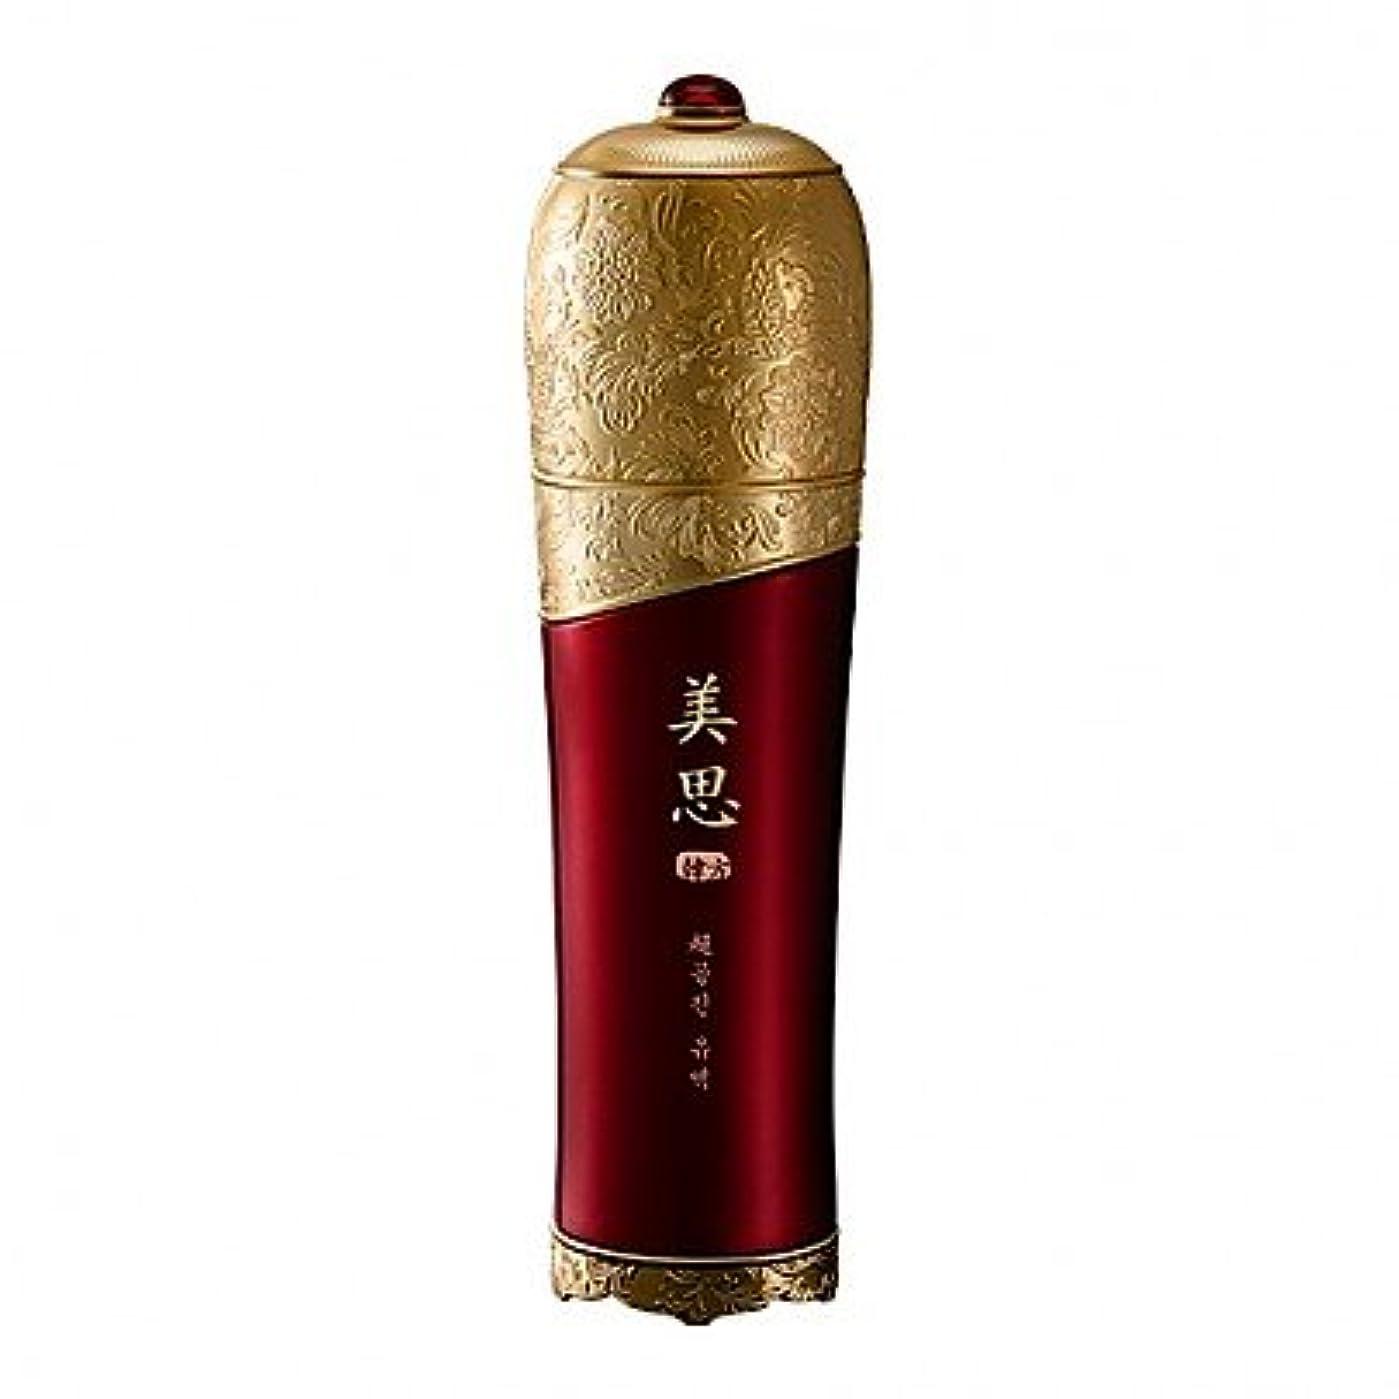 救援静かにブラウズMISSHA/ミシャ チョゴンジン 乳液 (旧チョボヤン) 125ml[海外直送品]